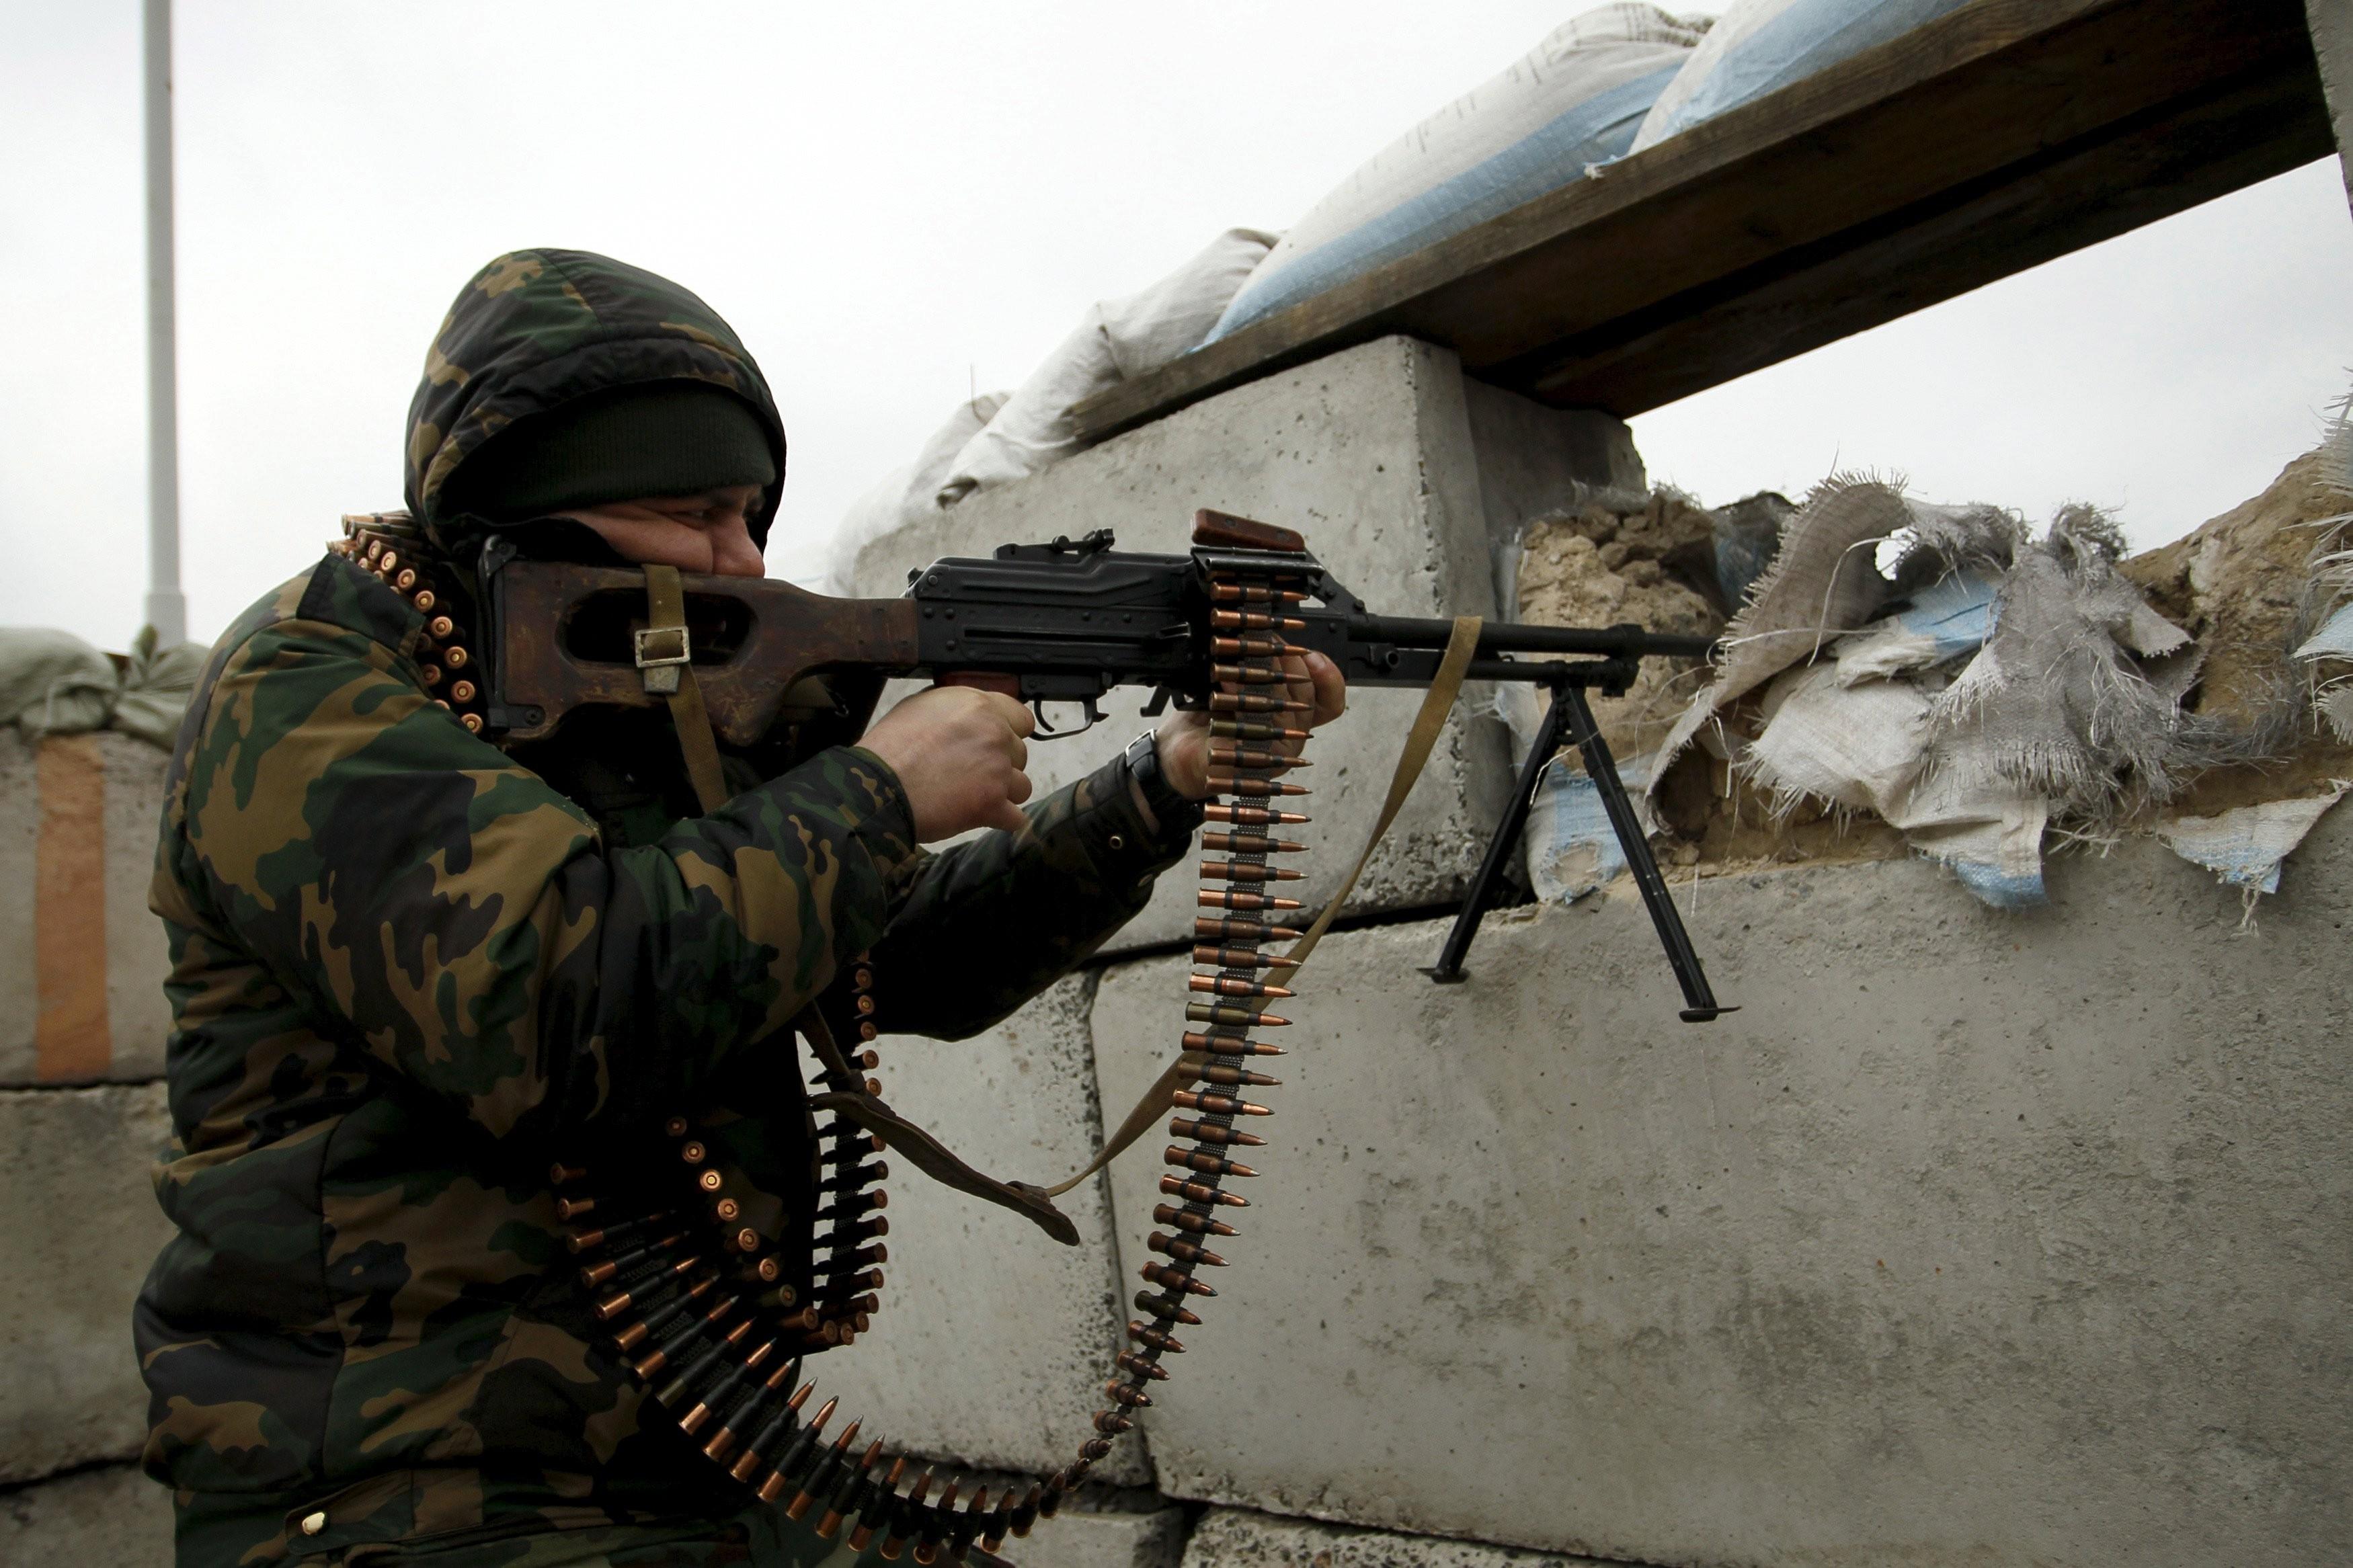 Ужасные потери за прошедшие сутки в зоне АТО: один силовик погиб, семеро ранены